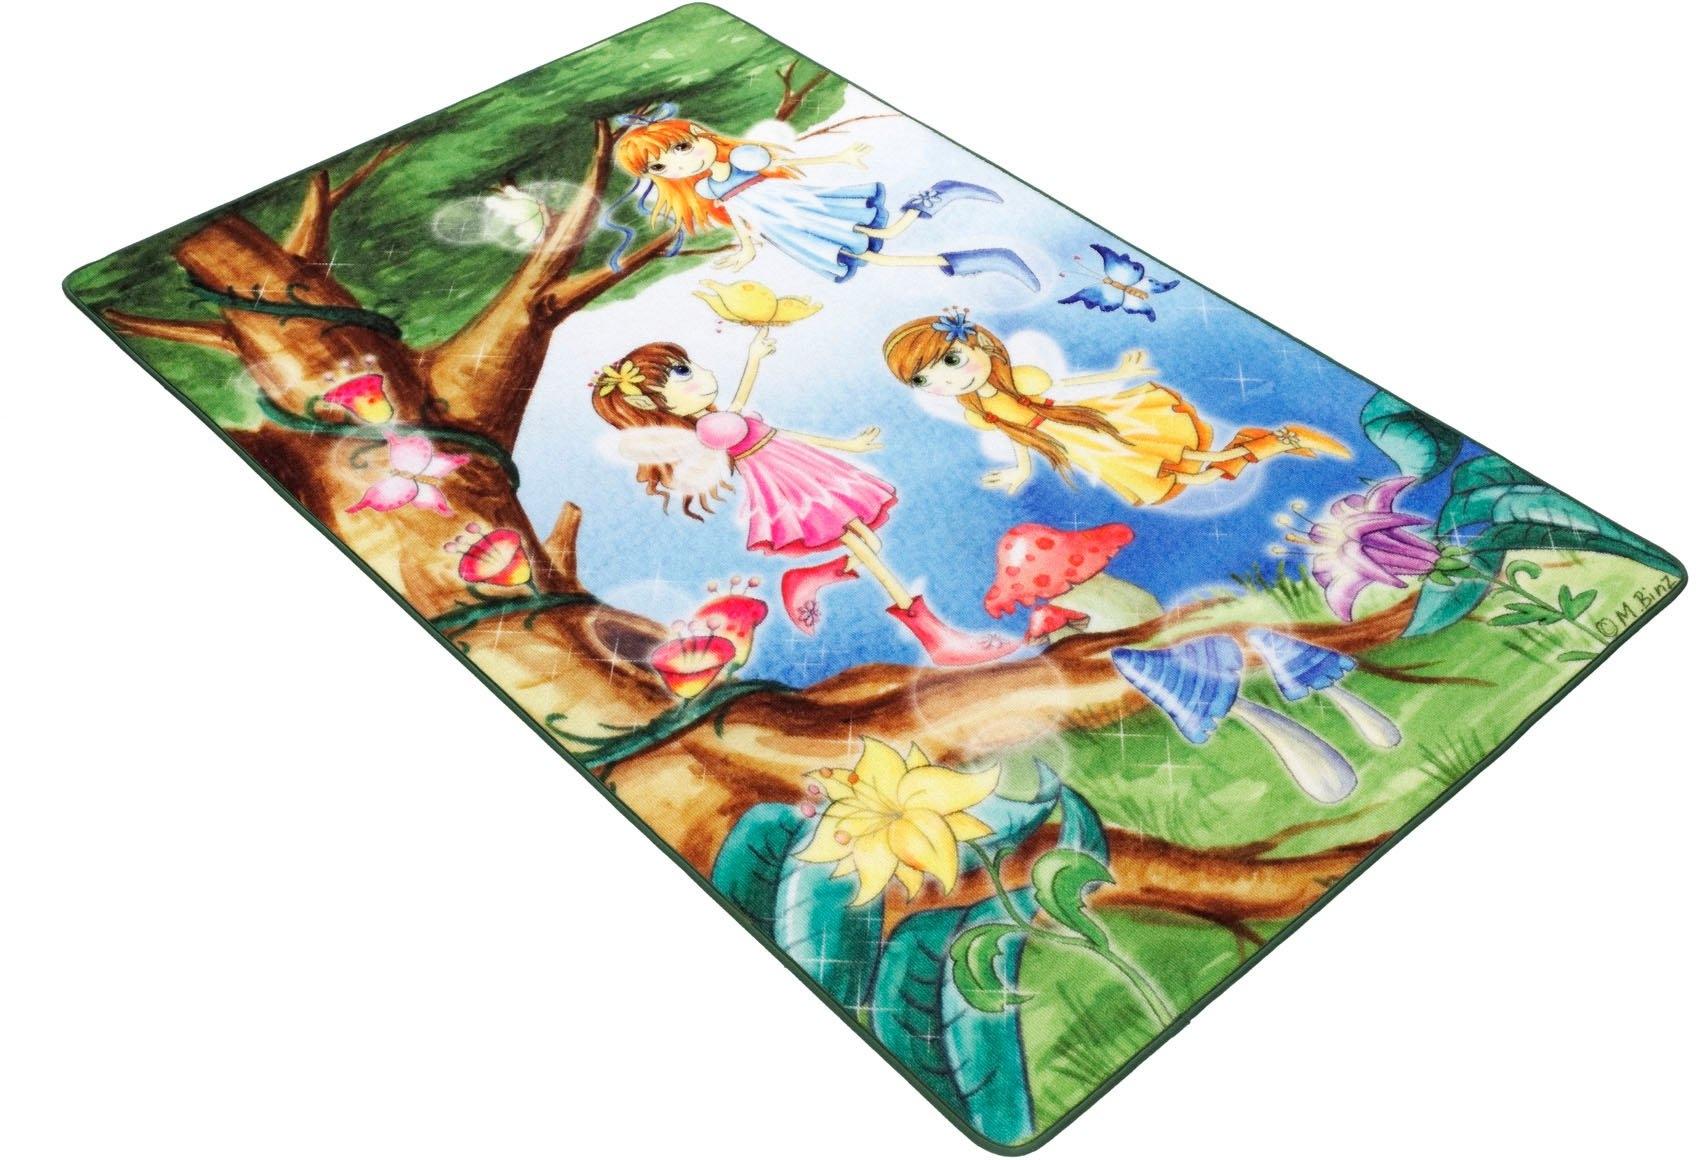 Böing Carpet vloerkleed voor de kinderkamer »Lovely Kids LK-2 Feen« voordelig en veilig online kopen